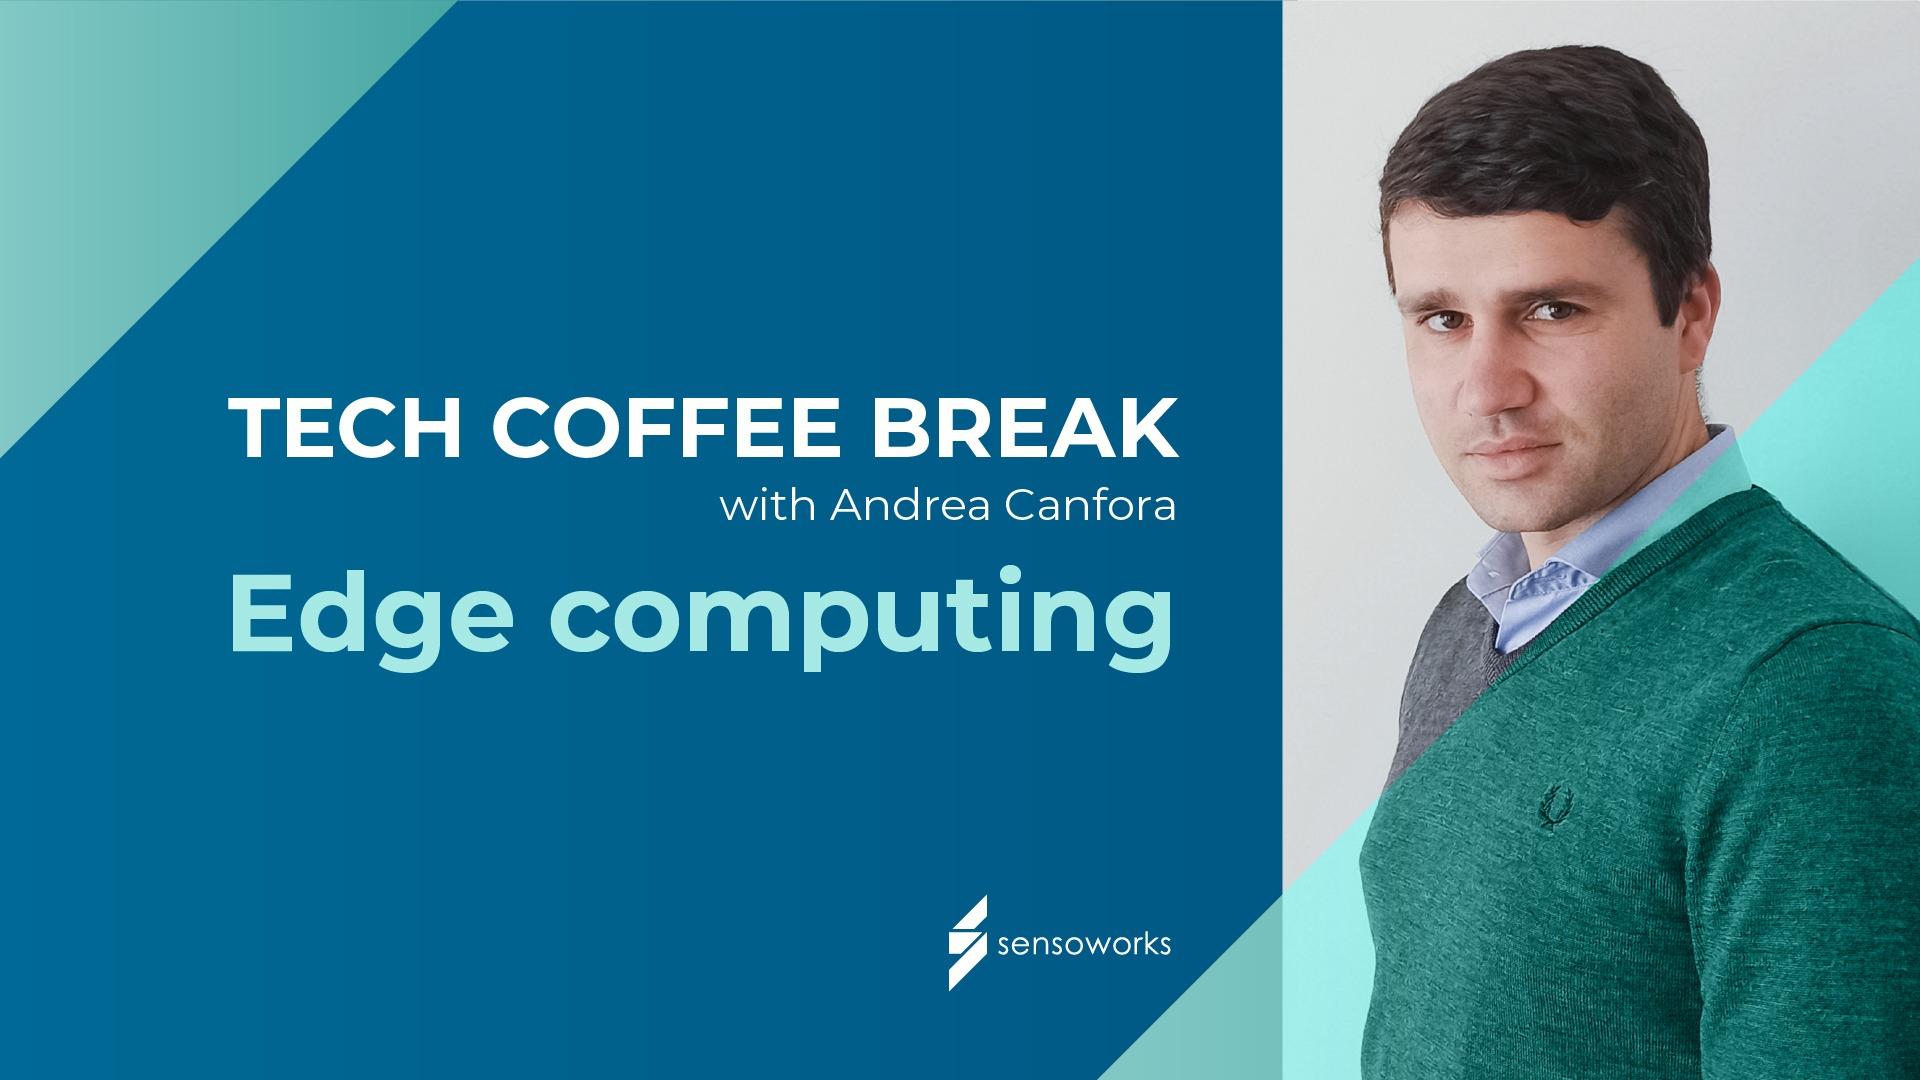 EDGE COMPUTING - TECH COFFEE BREAK con Andrea Canfora